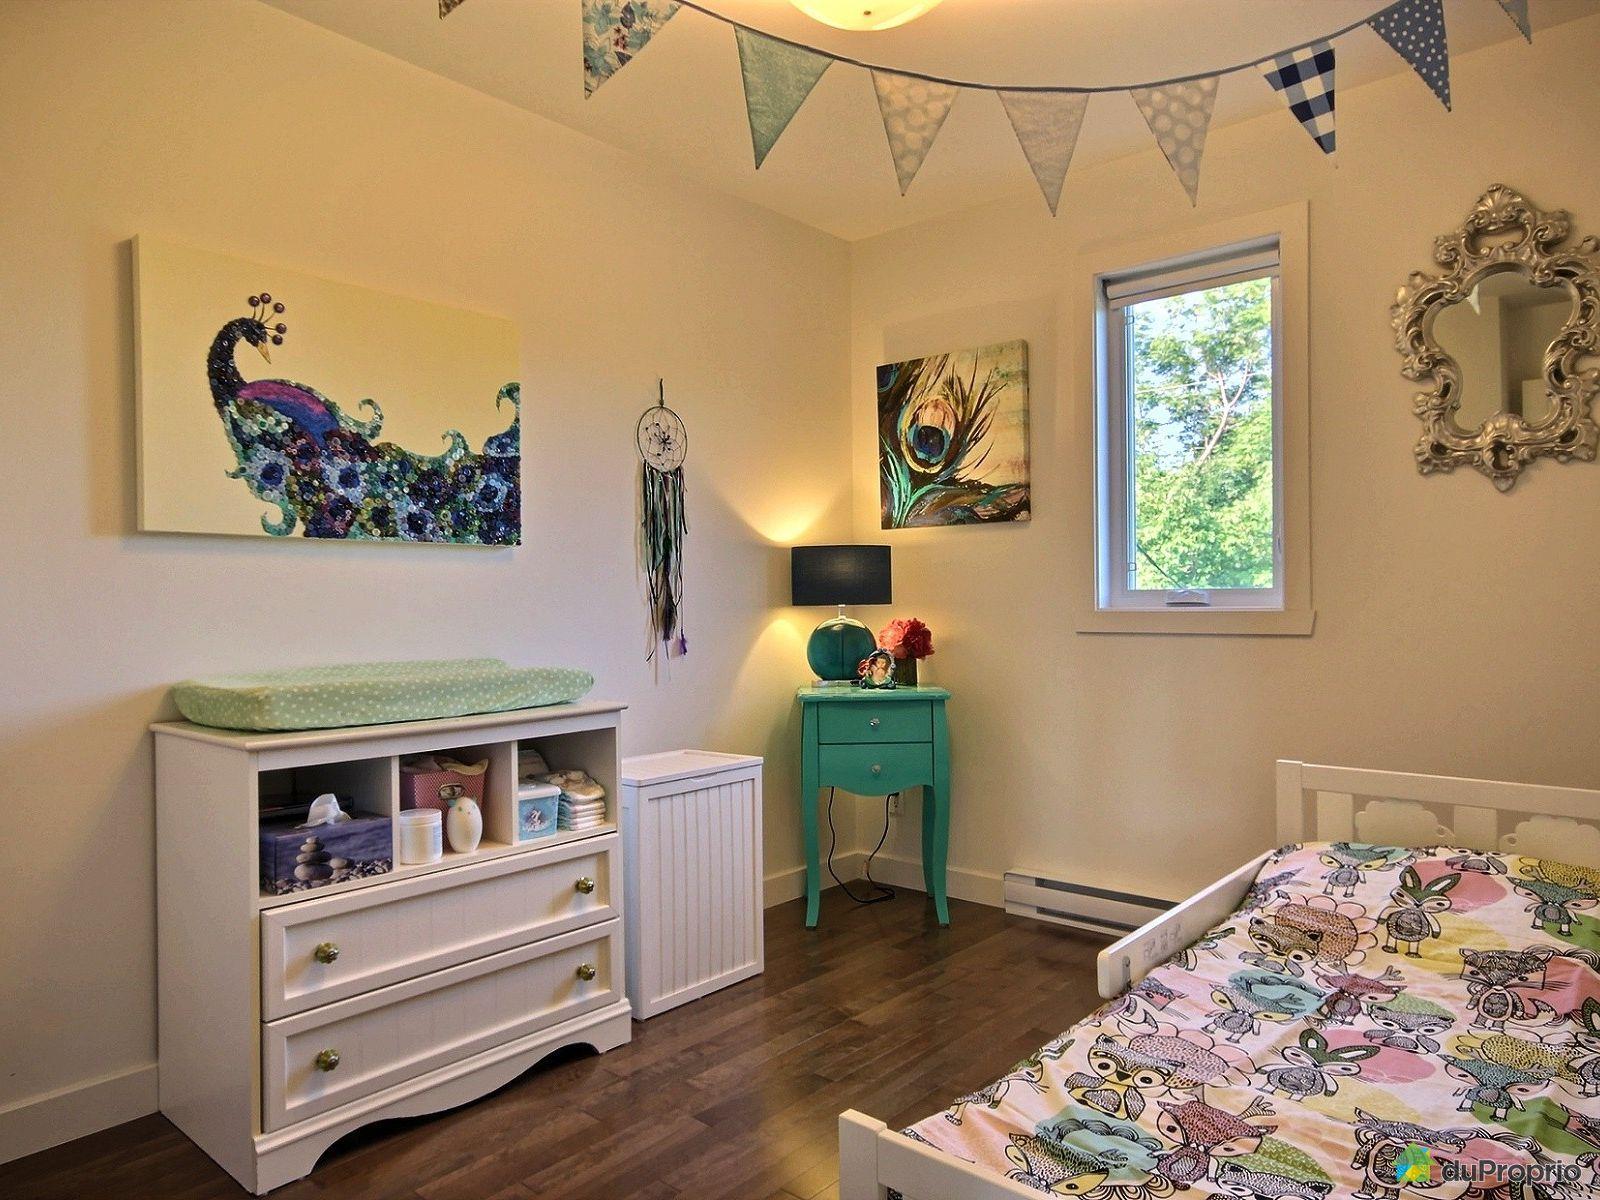 Maison vendre beaumont 6 rue marie pasquier immobilier for Chambre en ville vidal